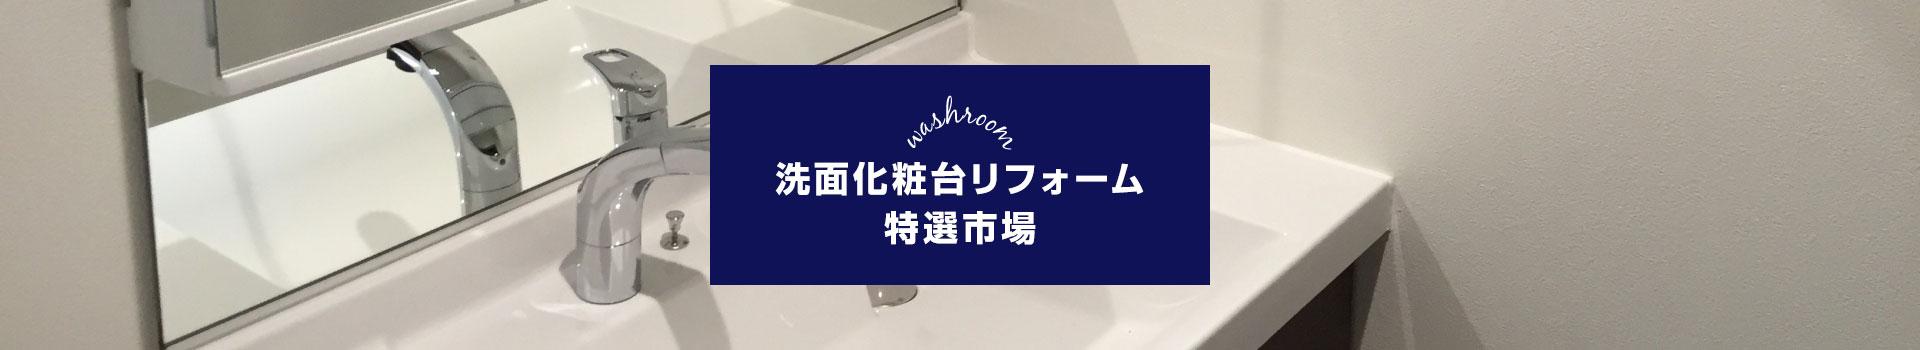 洗面化粧台リフォーム特選市場